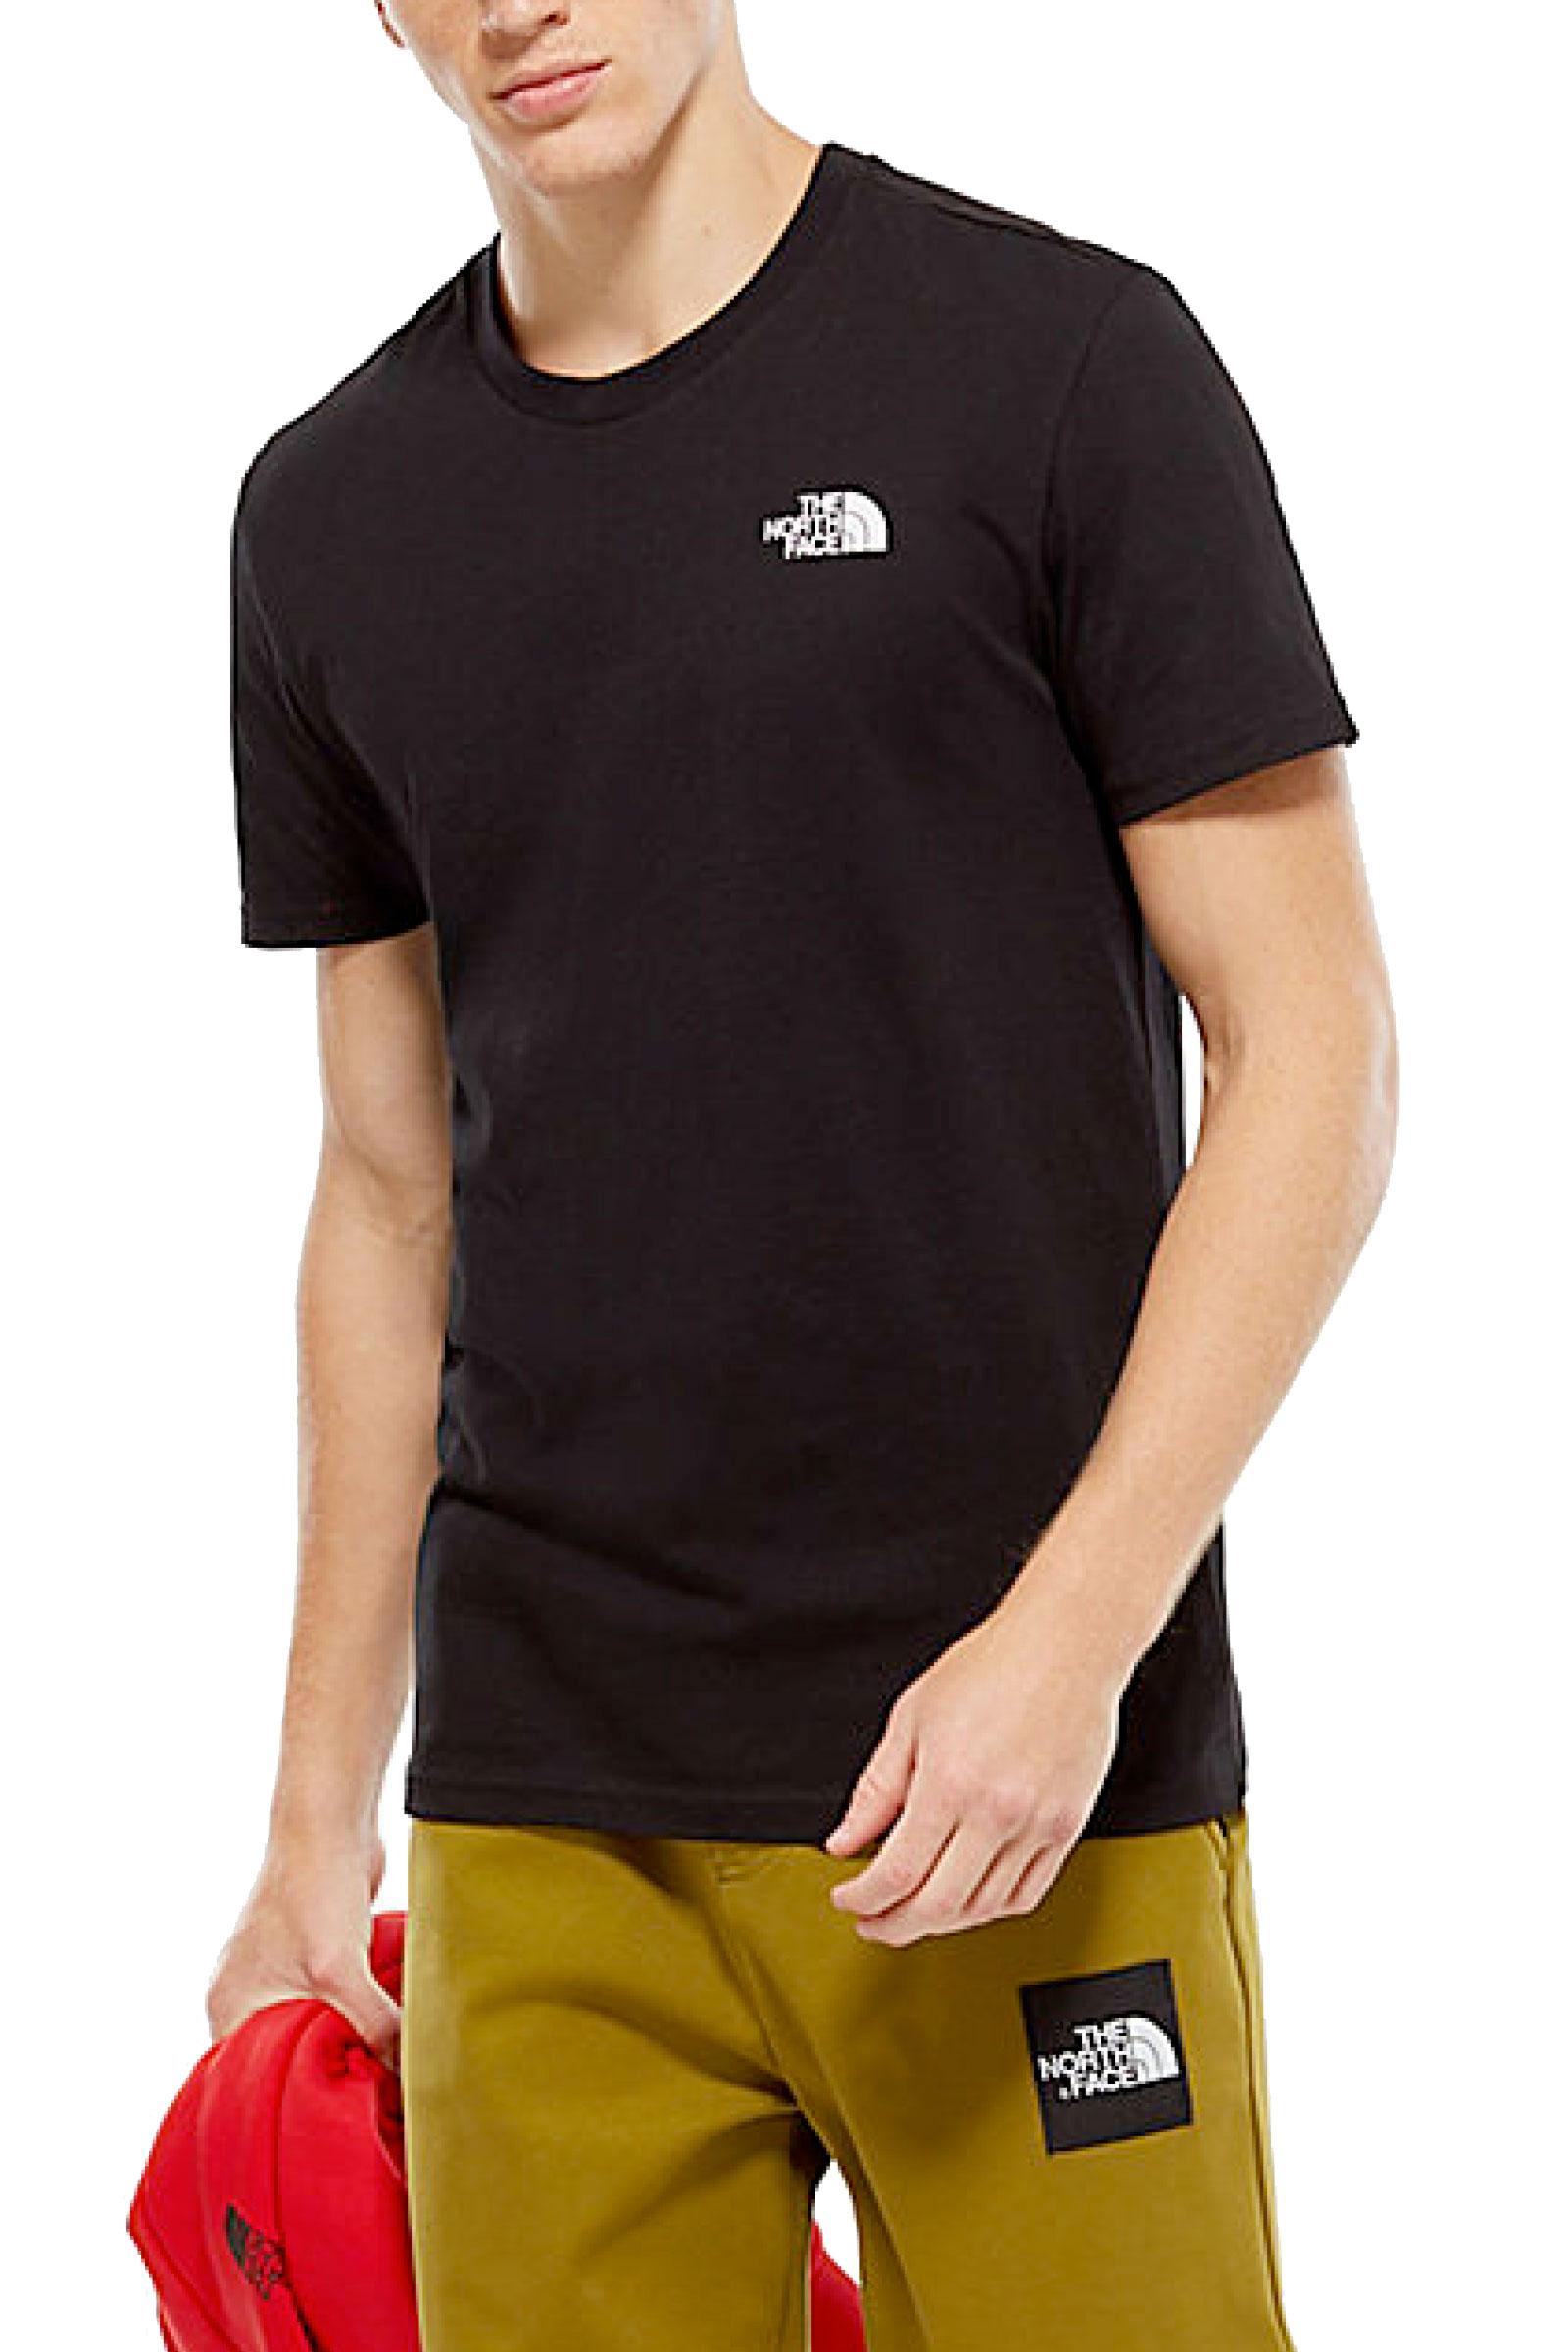 THE NORTH FACE   T-Shirt   NF0A2TX5JK3